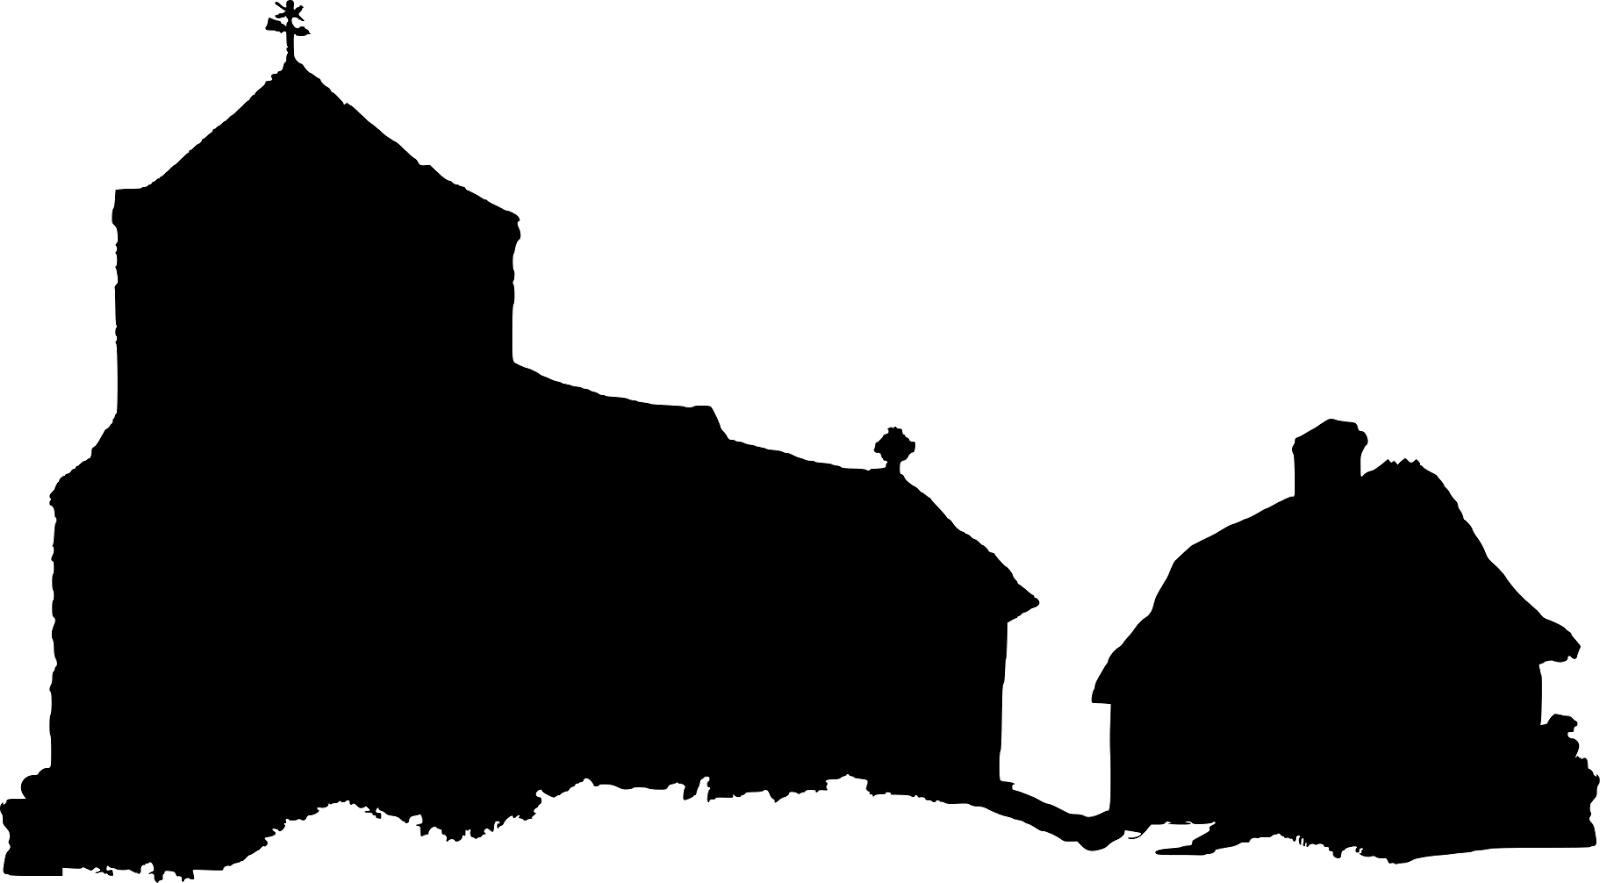 1600x883 Clip Art Church Silhouette Clip Art